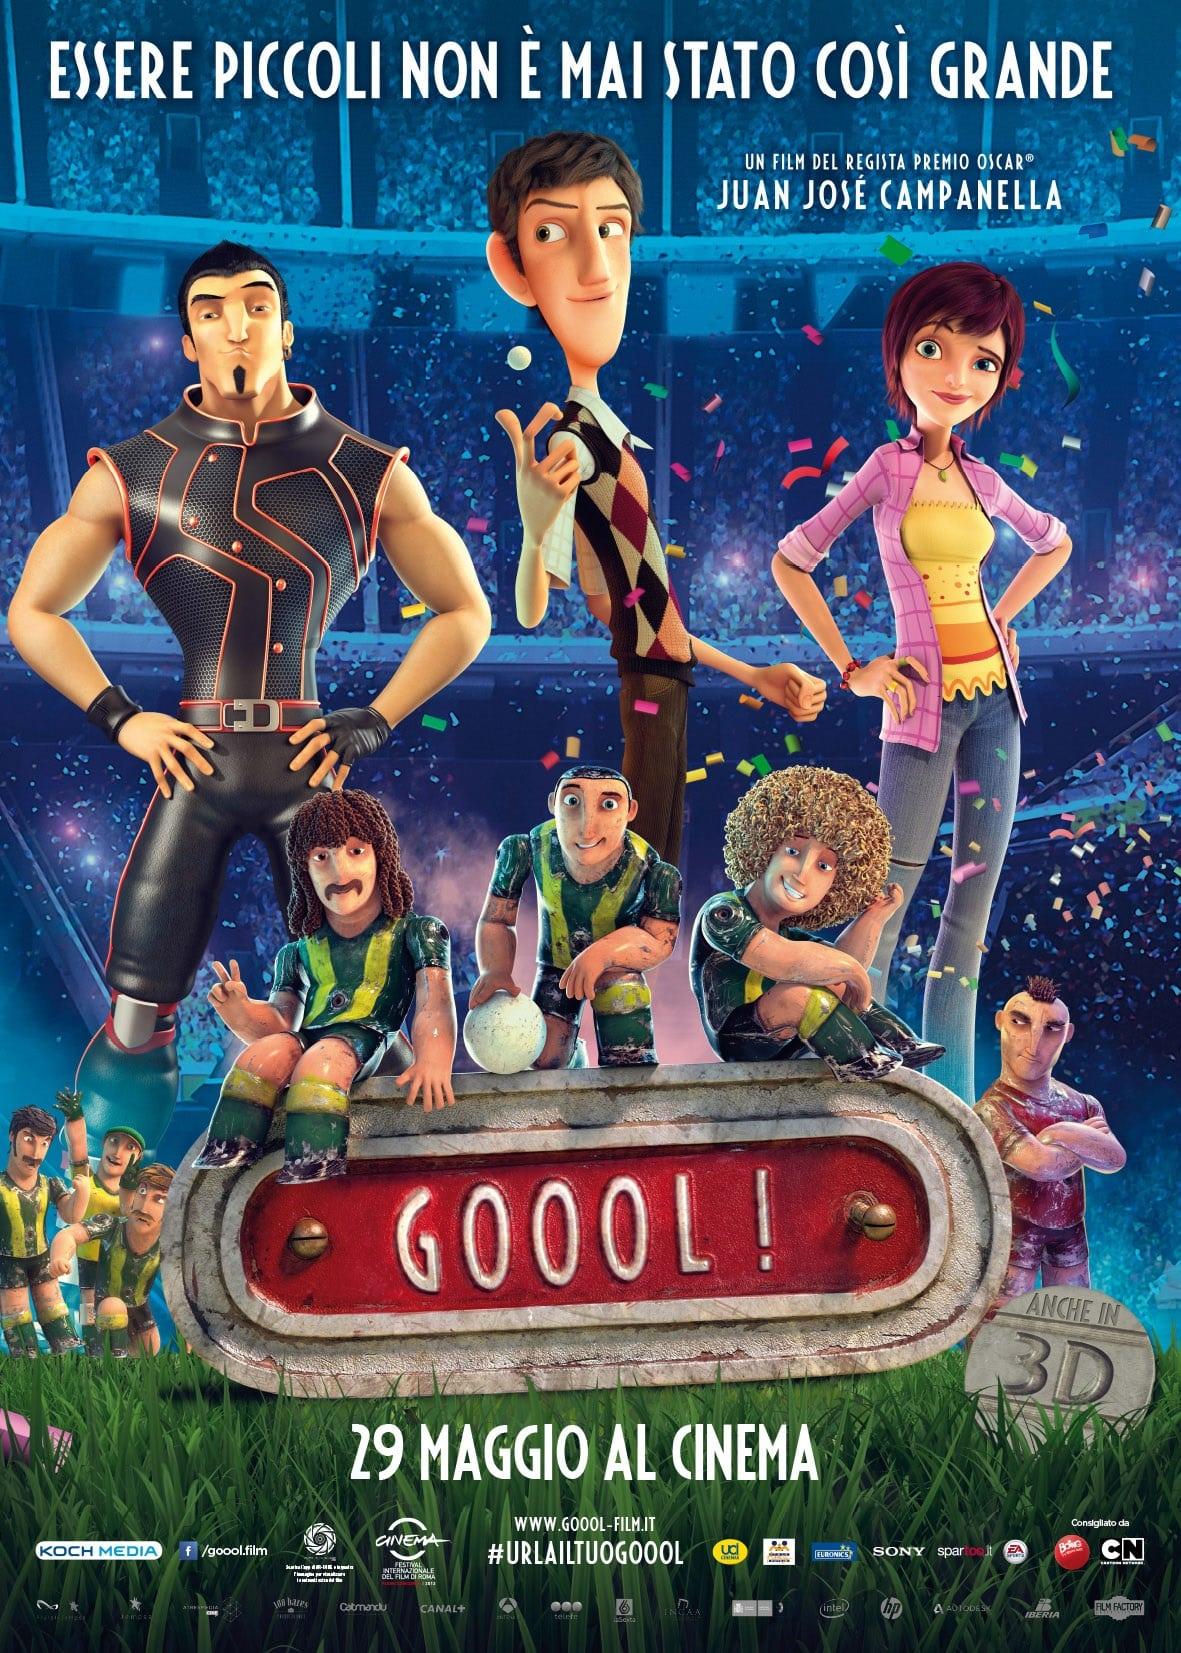 Goool!, l'attesissimo film che ti fa vincere fantastici premi col concorso  #URLAILTUOGOOOL…